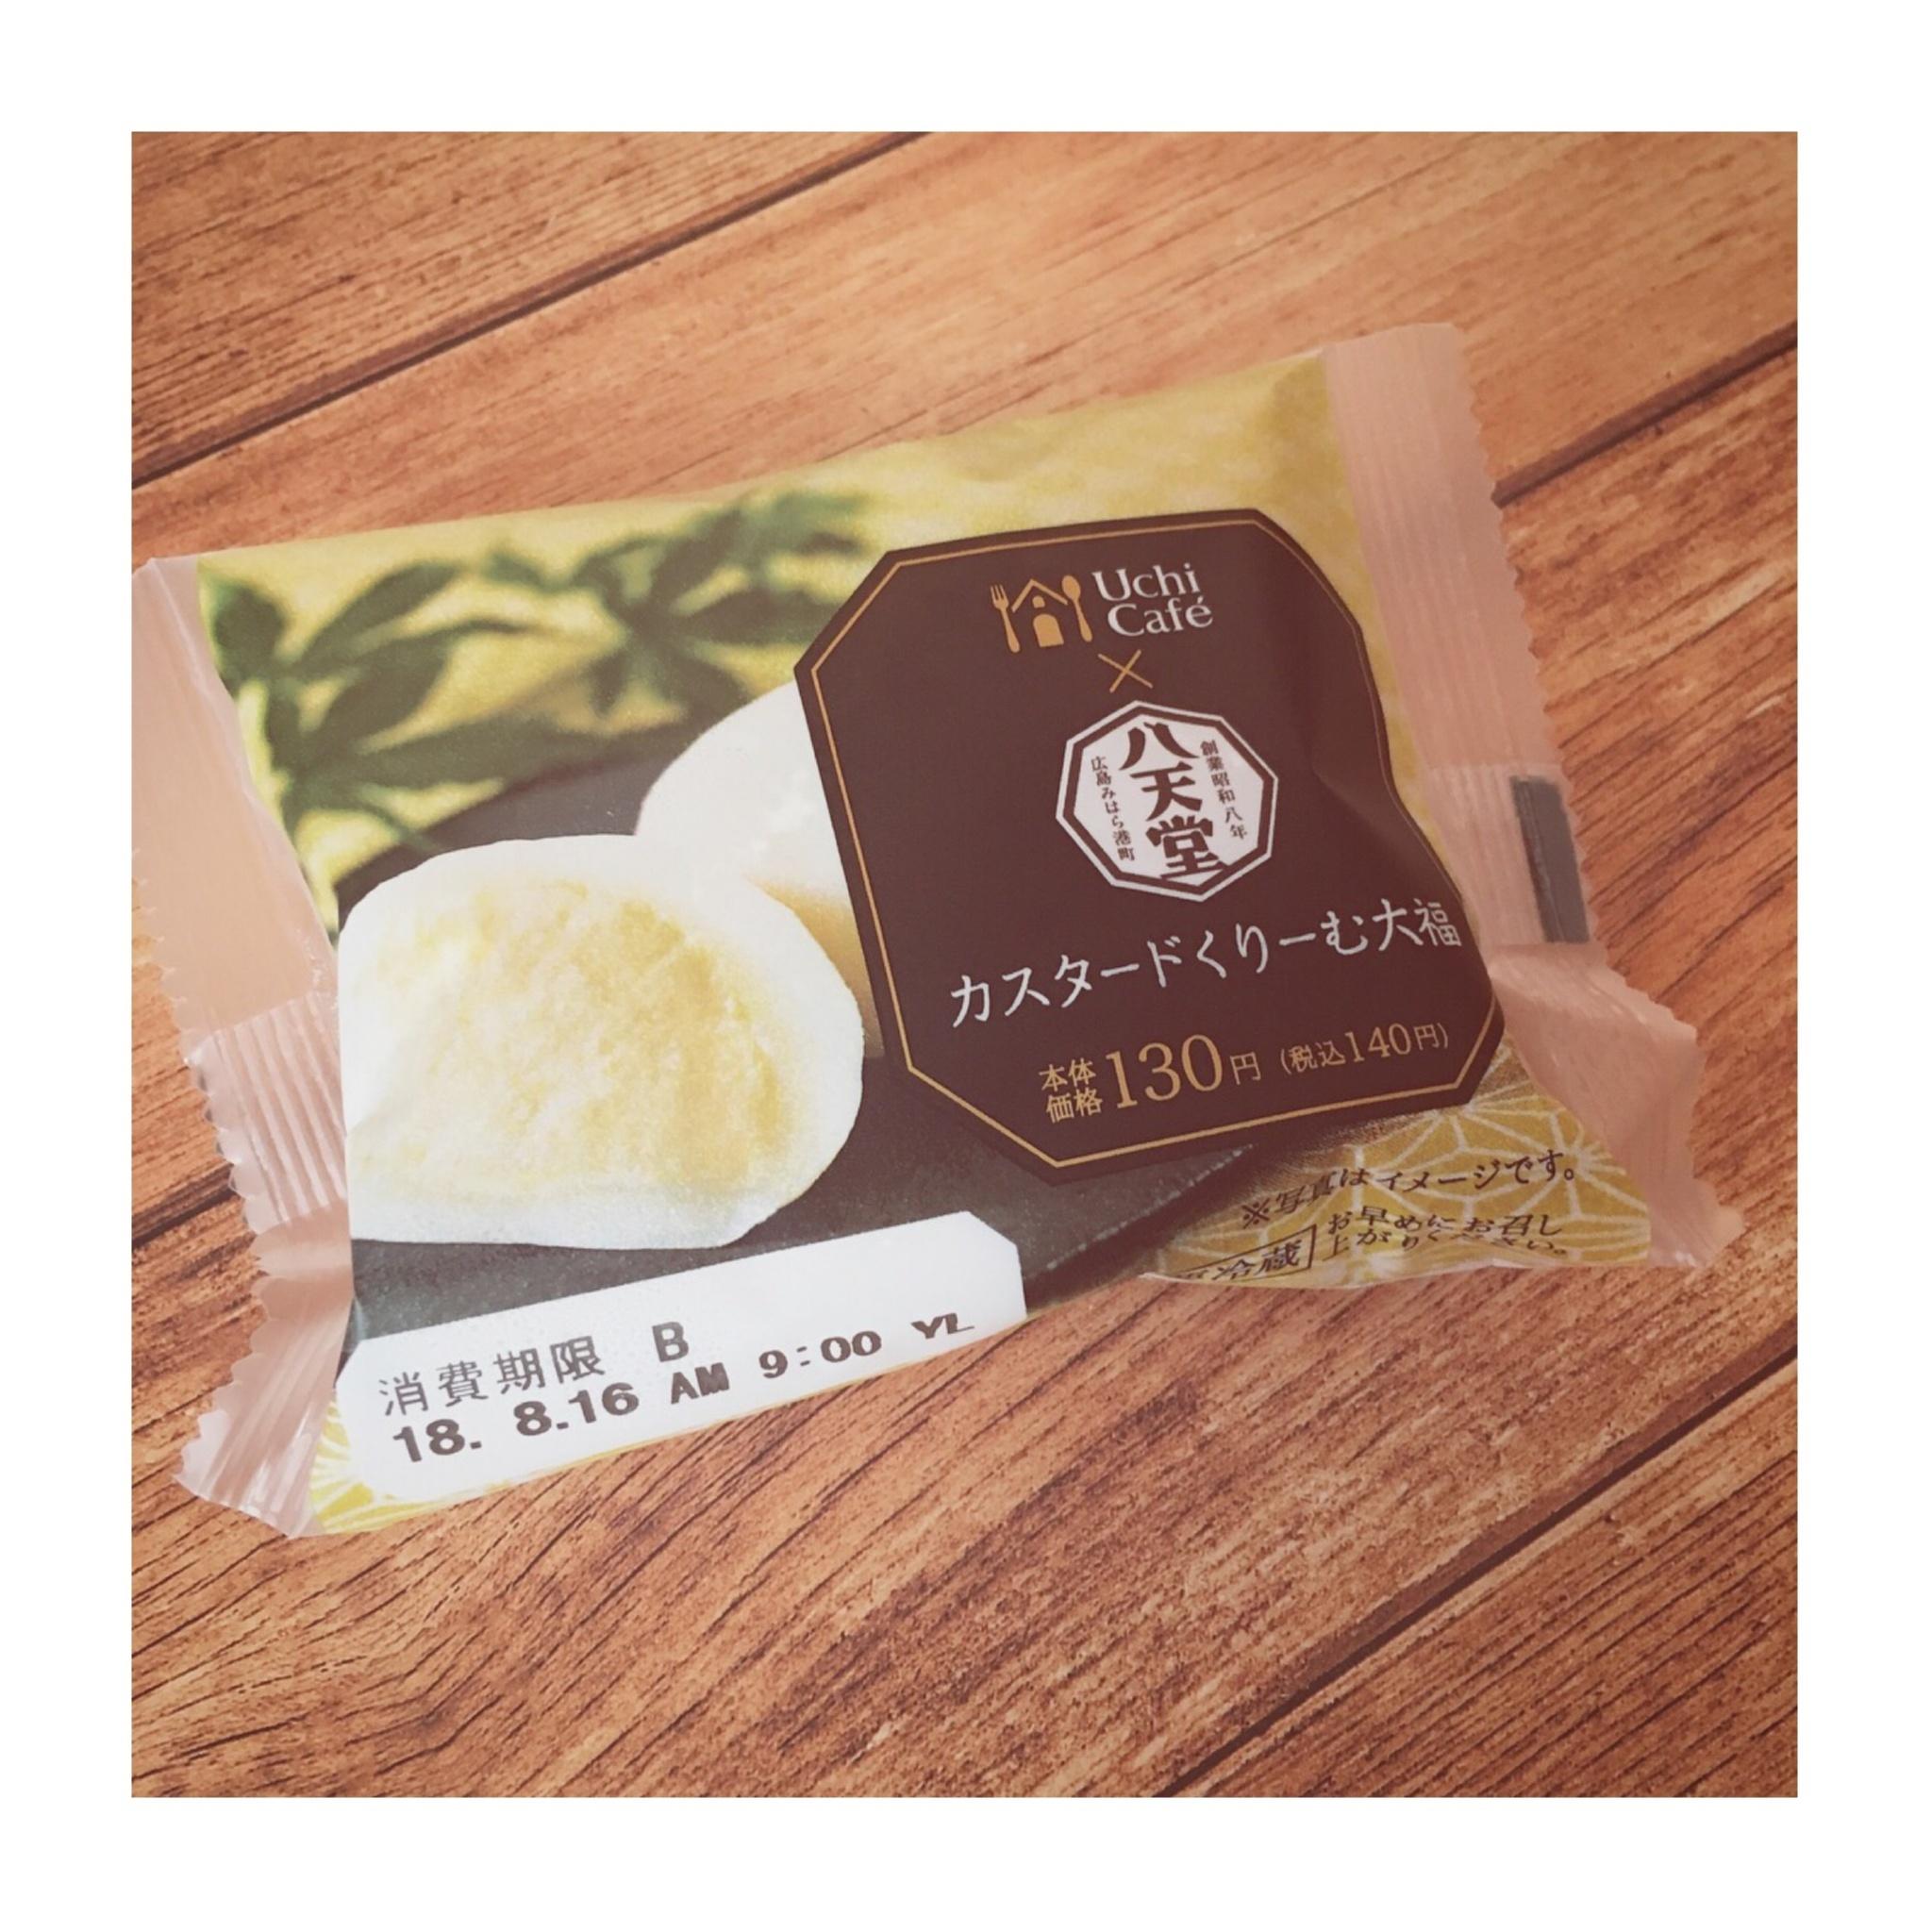 《大人気!》ローソンで買える【Uchi Cafe × 八天堂】のコラボ、カスタードくりーむ大福がおいしすぎる❤️_1